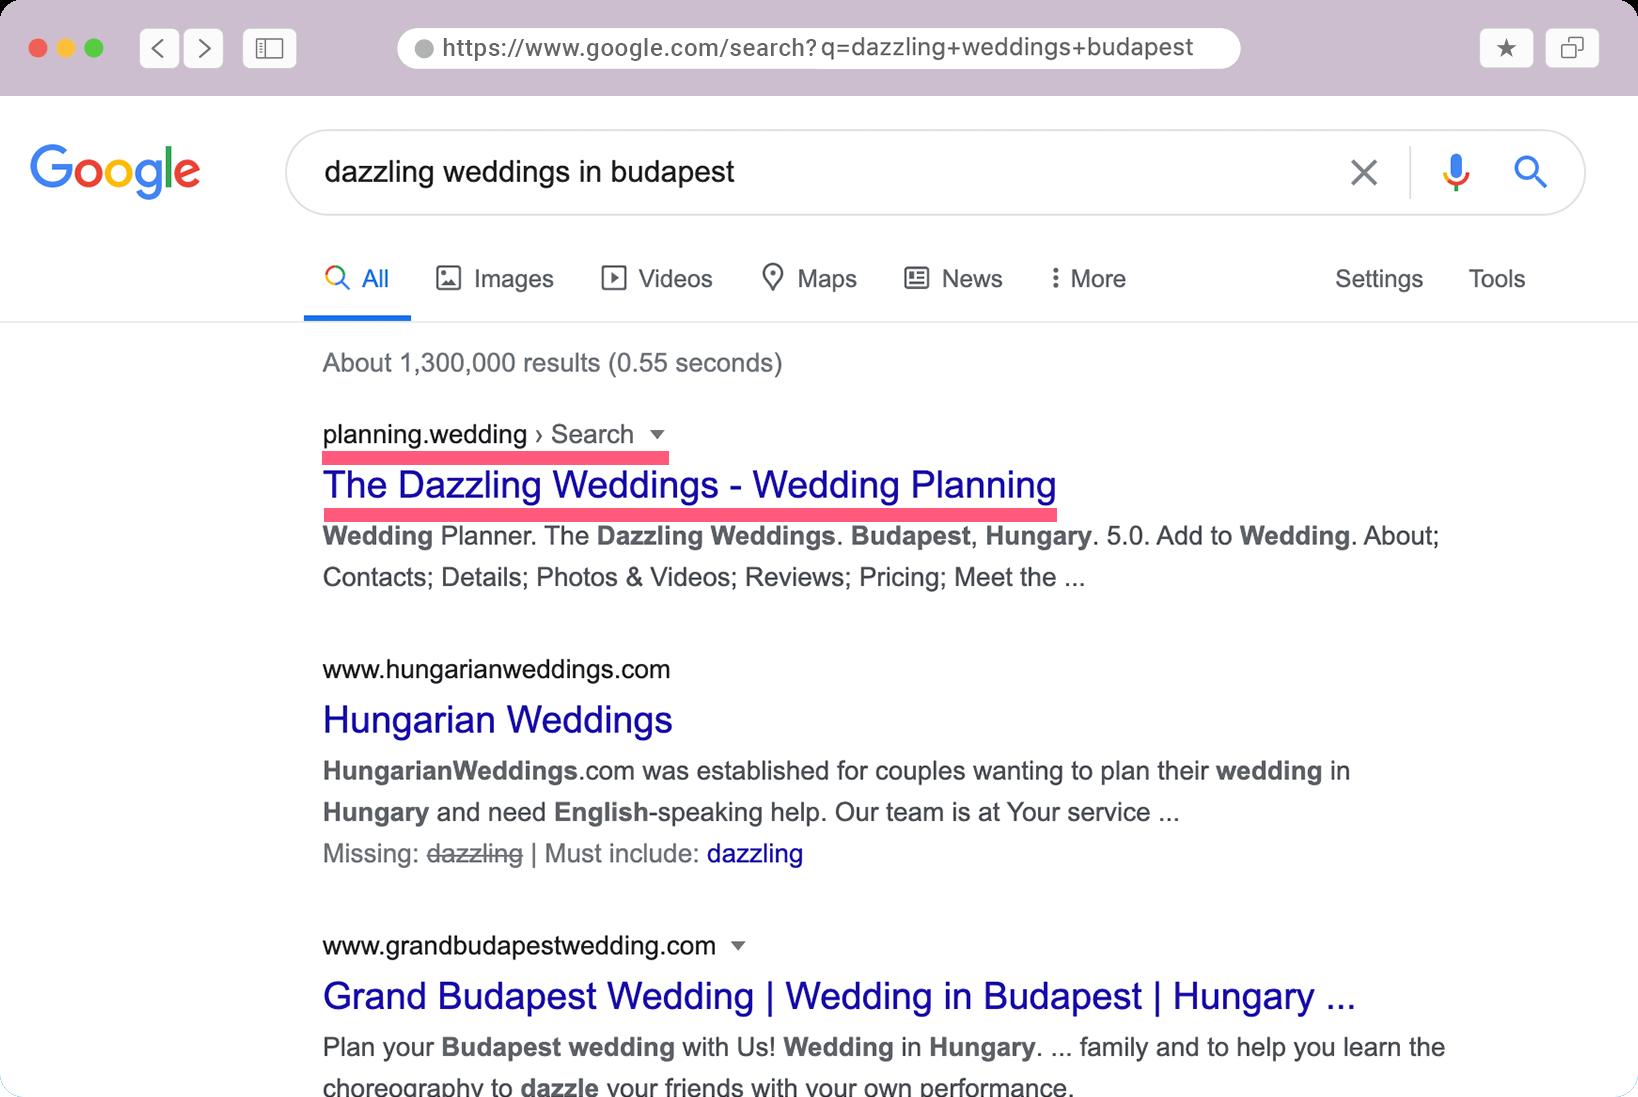 Résultat de la recherche de l'interface de capture d'écran